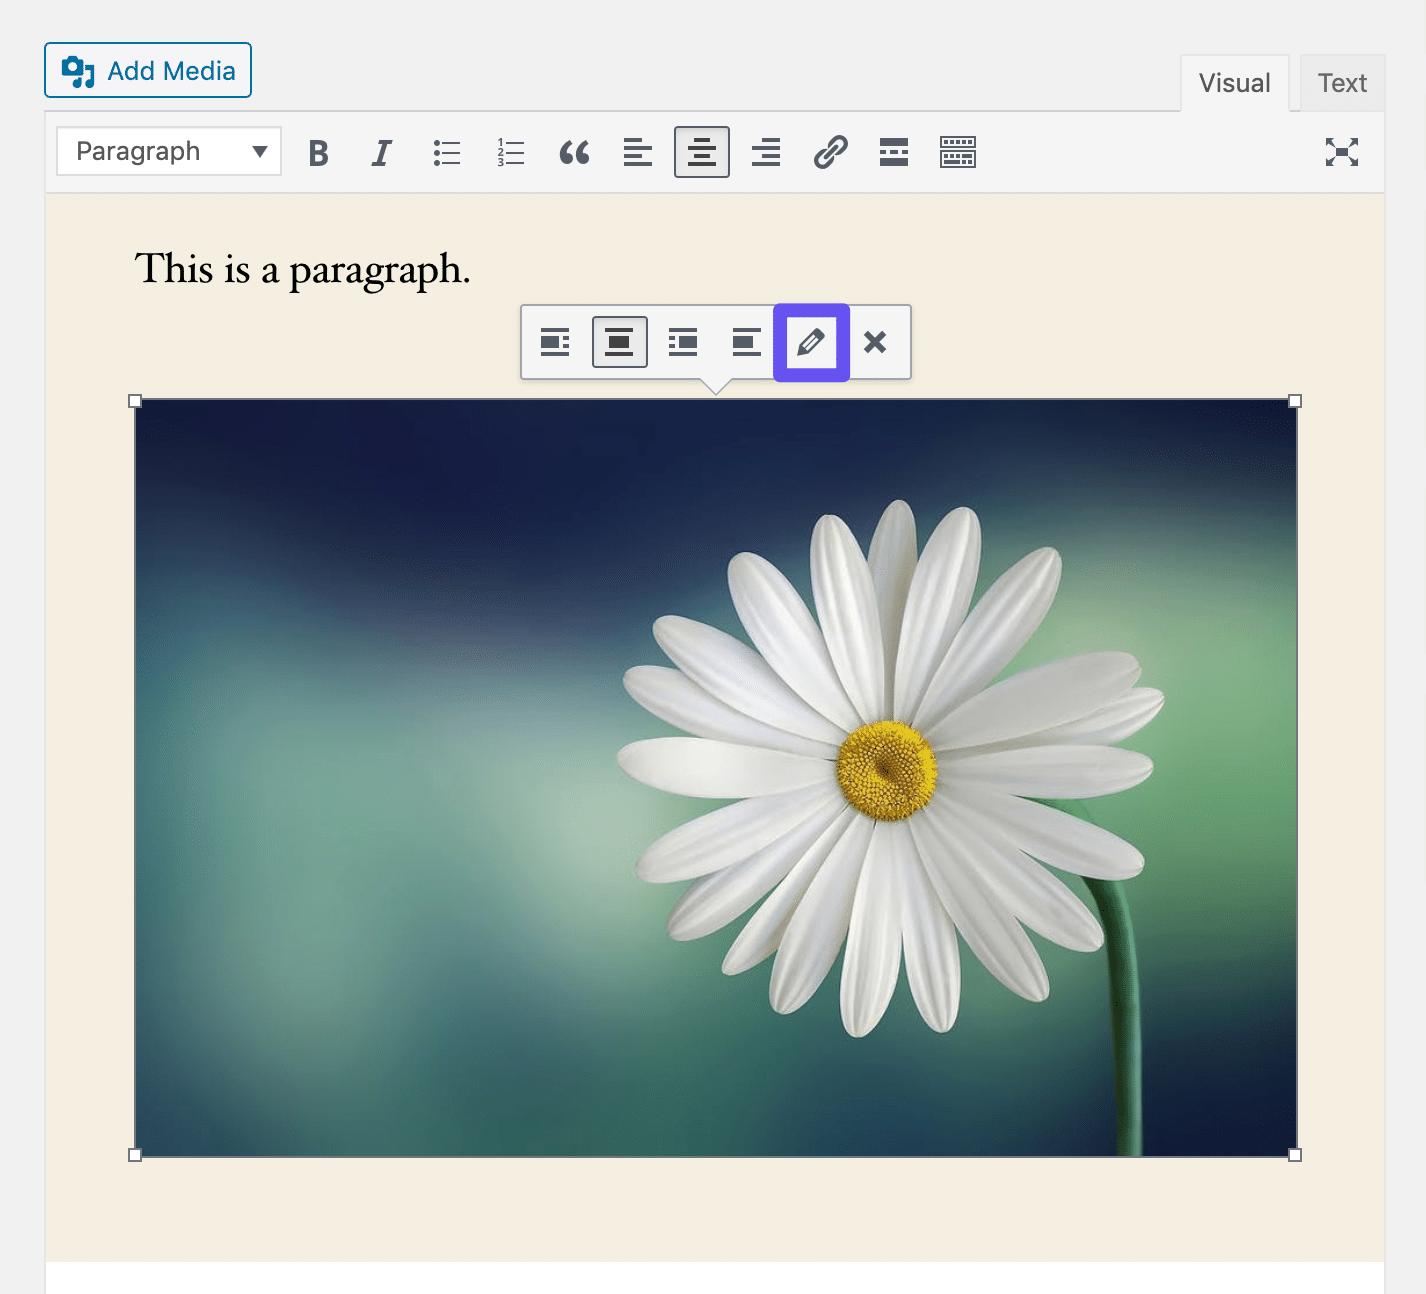 Accediendo a la configuración de la imagen en el Editor Clásico